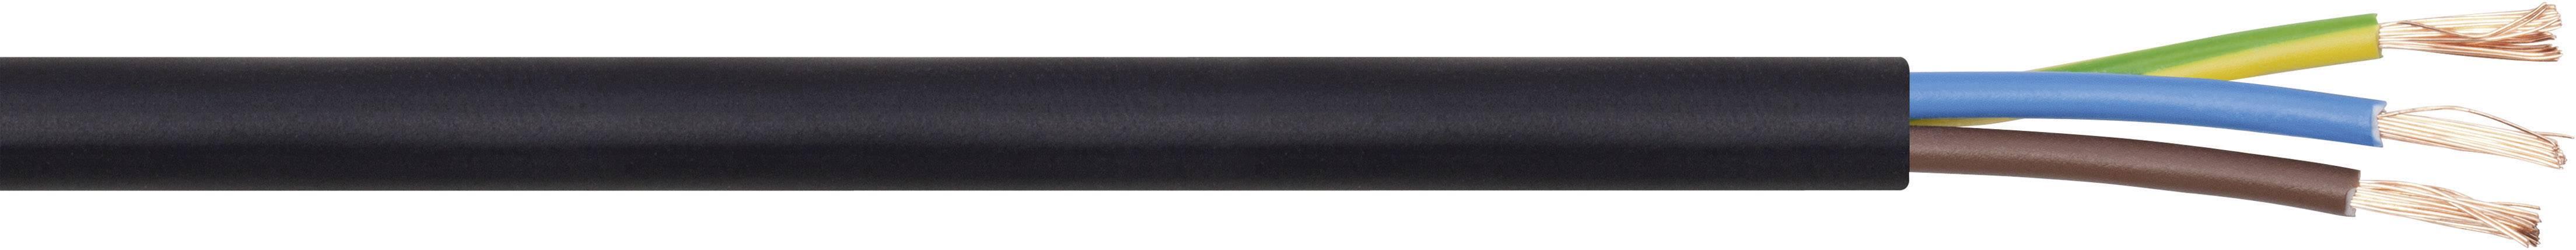 Vícežílový kabel LAPP H05VV-F, 49900077, 3 G 1.50 mm², černá, metrové zboží